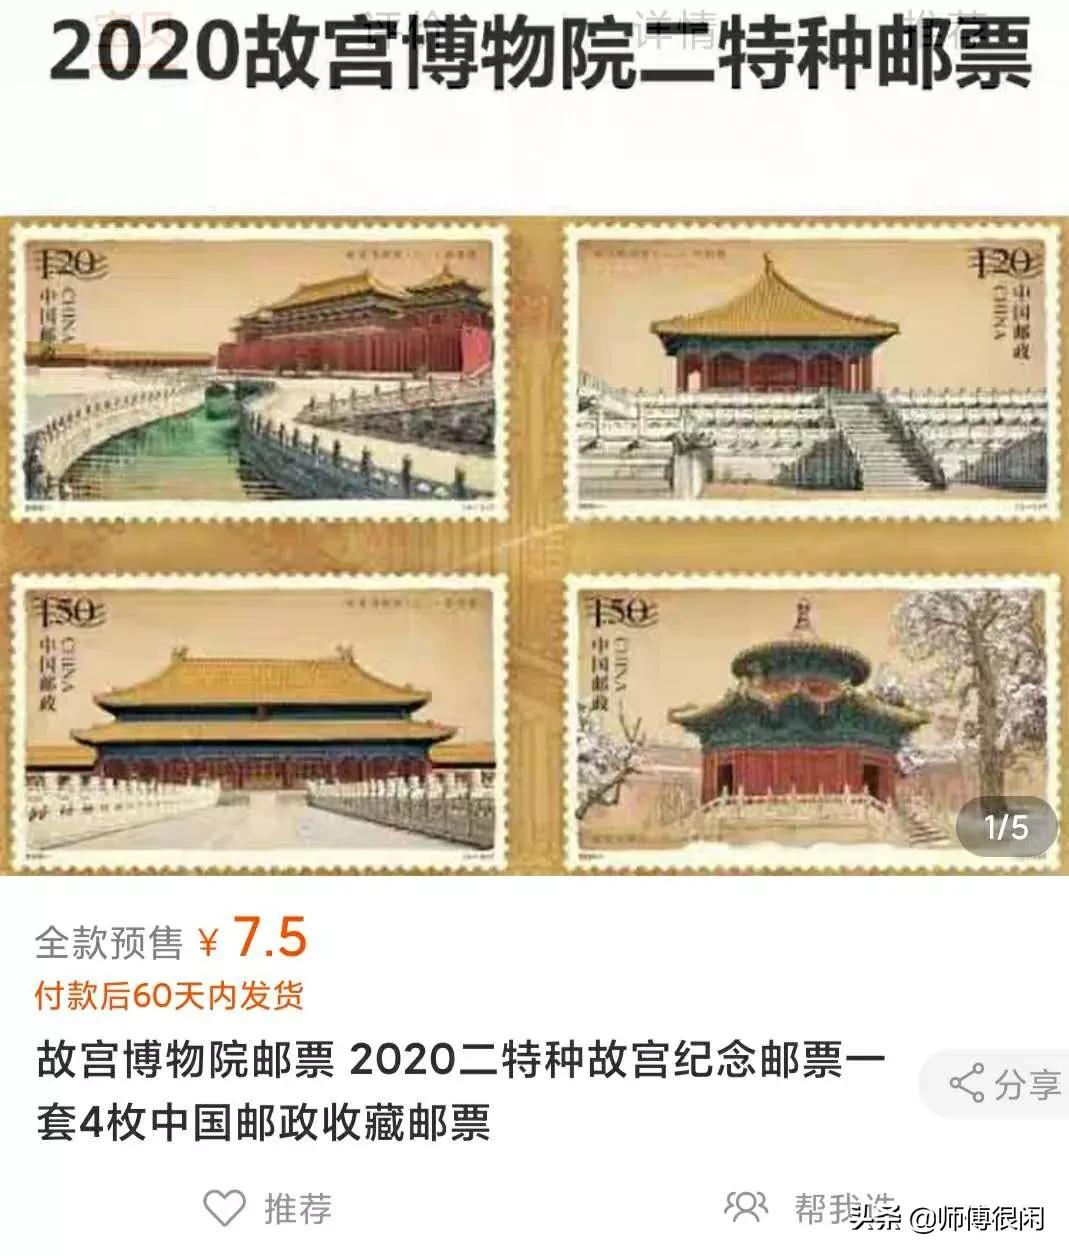 故宫邮票暴涨3倍!大版还可以抢